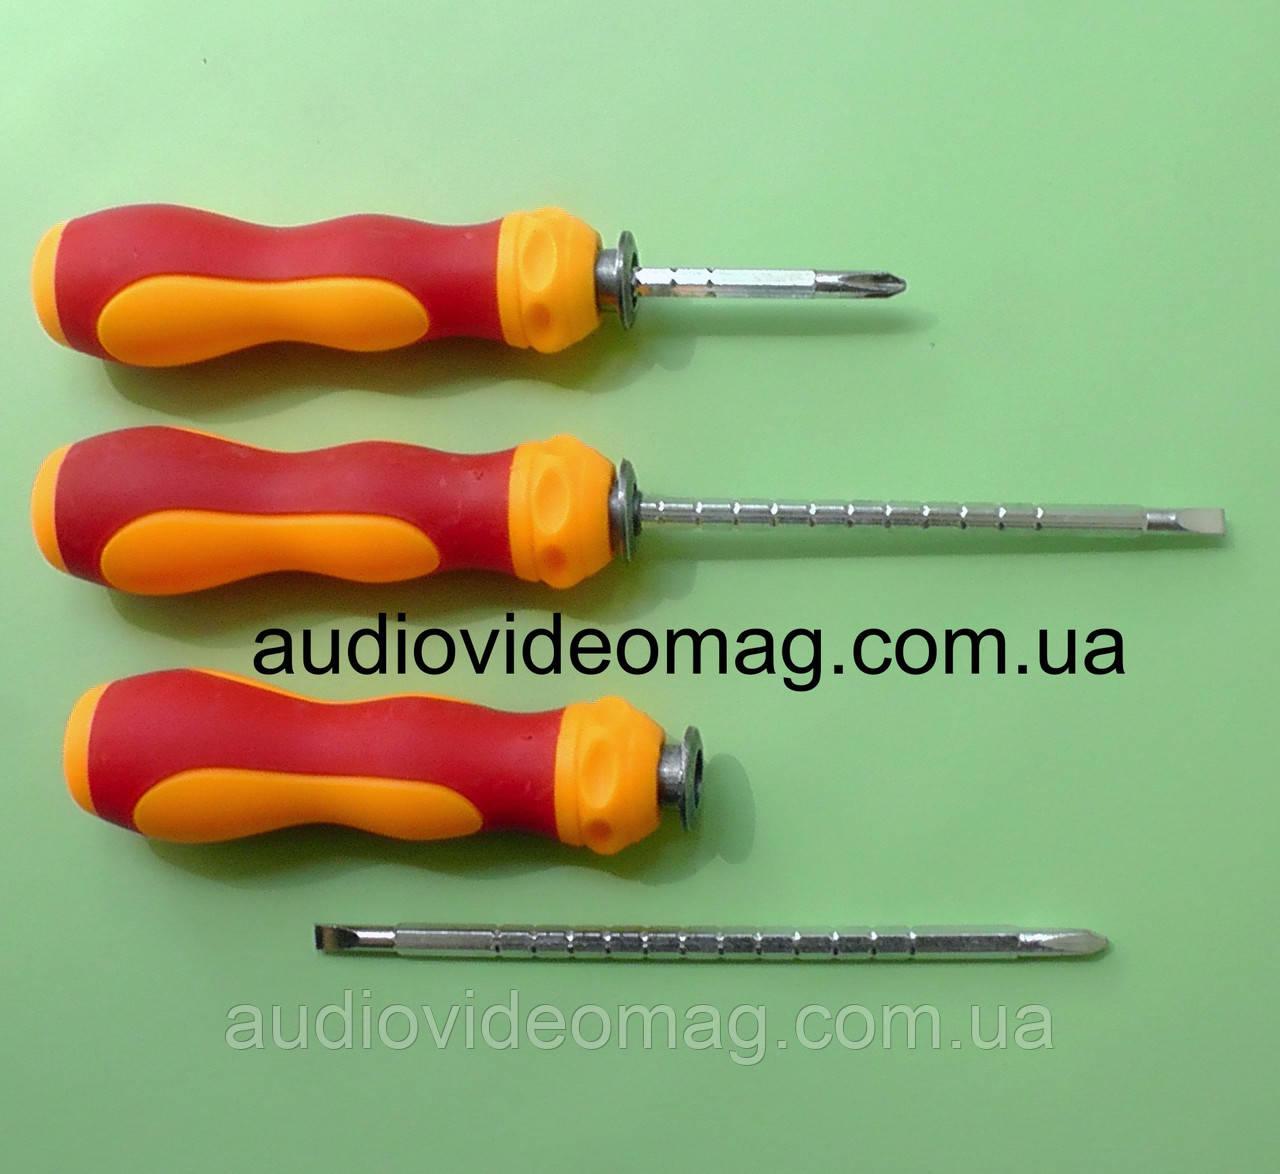 Викрутка двостороння SL3.5 мм + PH0 (3мм) з можливістю регулювання довжини